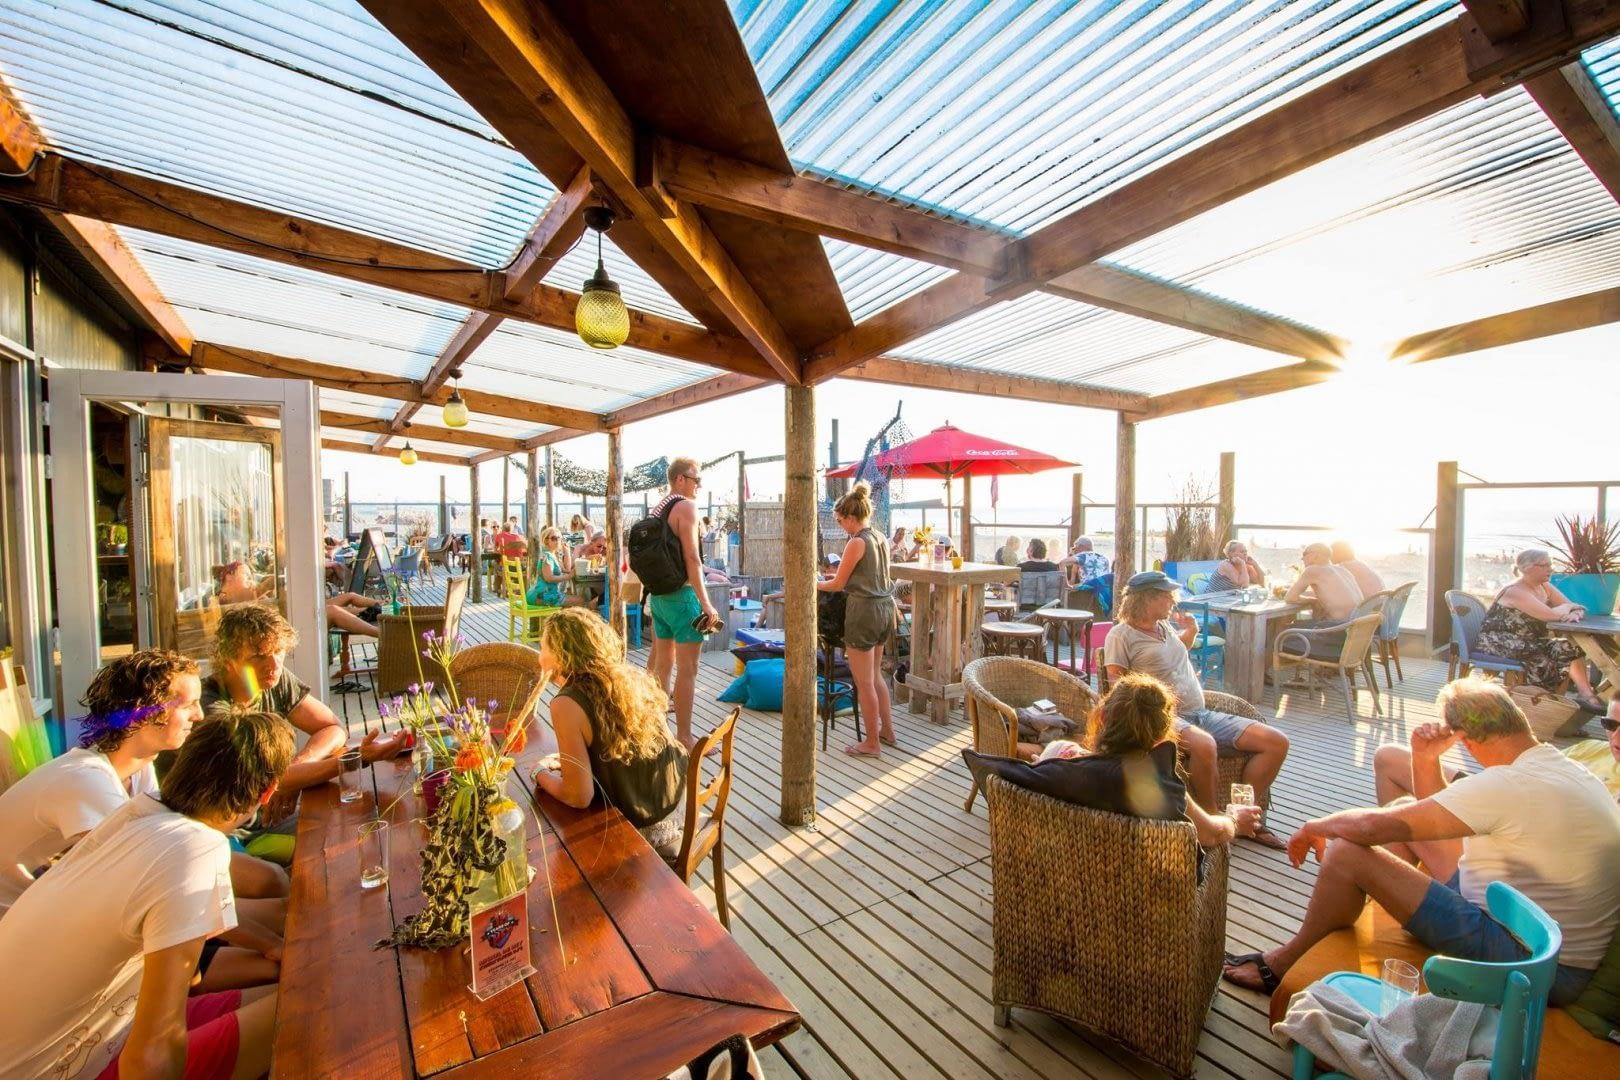 zonnig terras vol gasten van Dreams Beachhouse op het strand van Ter Heijde in het Westland